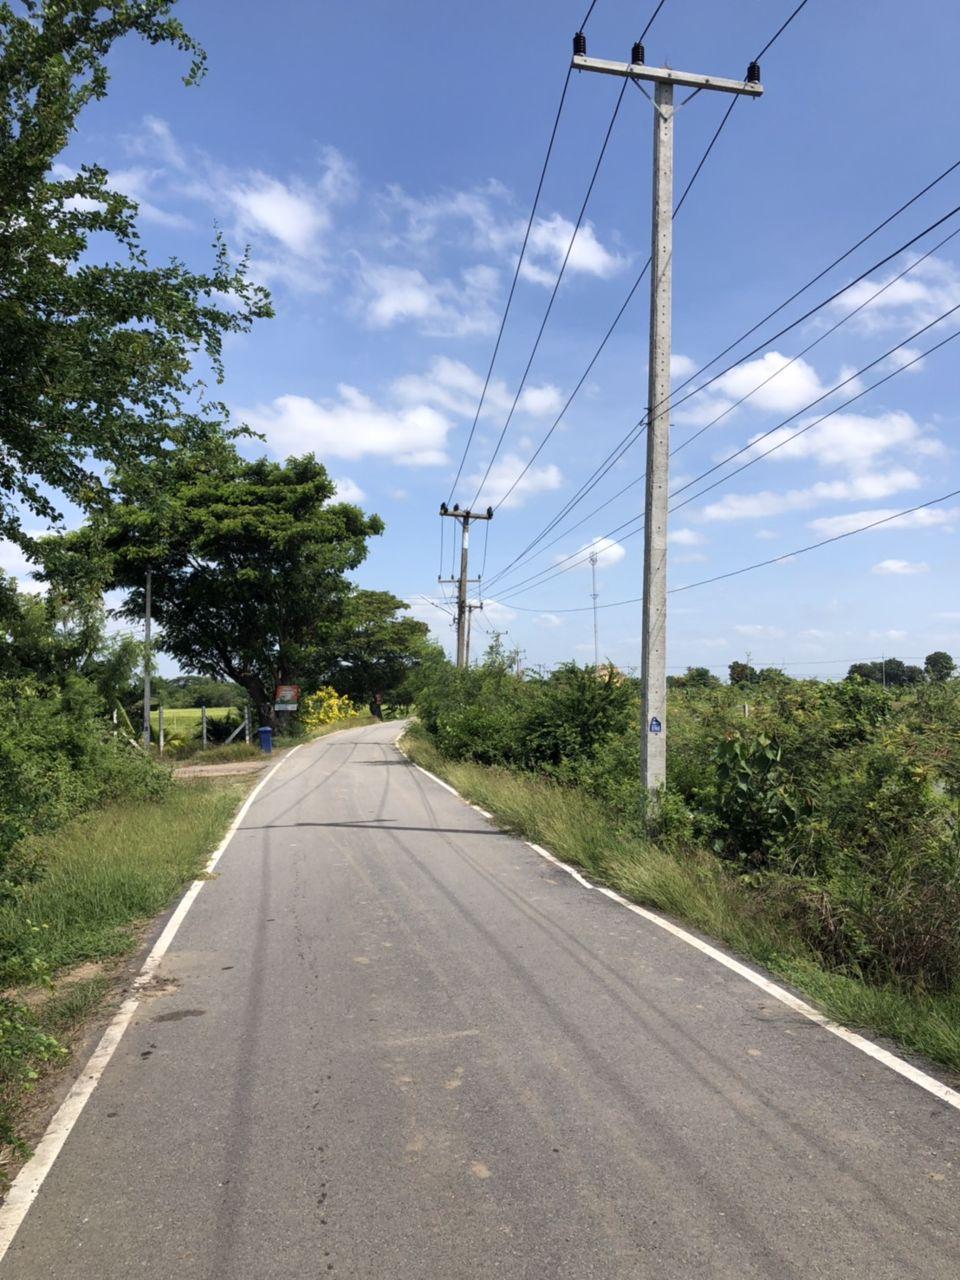 ขายที่ดิน-ทำเลสวย-ติดถนนลาดยาง-ไฟฟ้าติดที่ดิน-มีแหล่งน้ำใกล้ตลาดโพธิ์ทอง-อ่างทอง